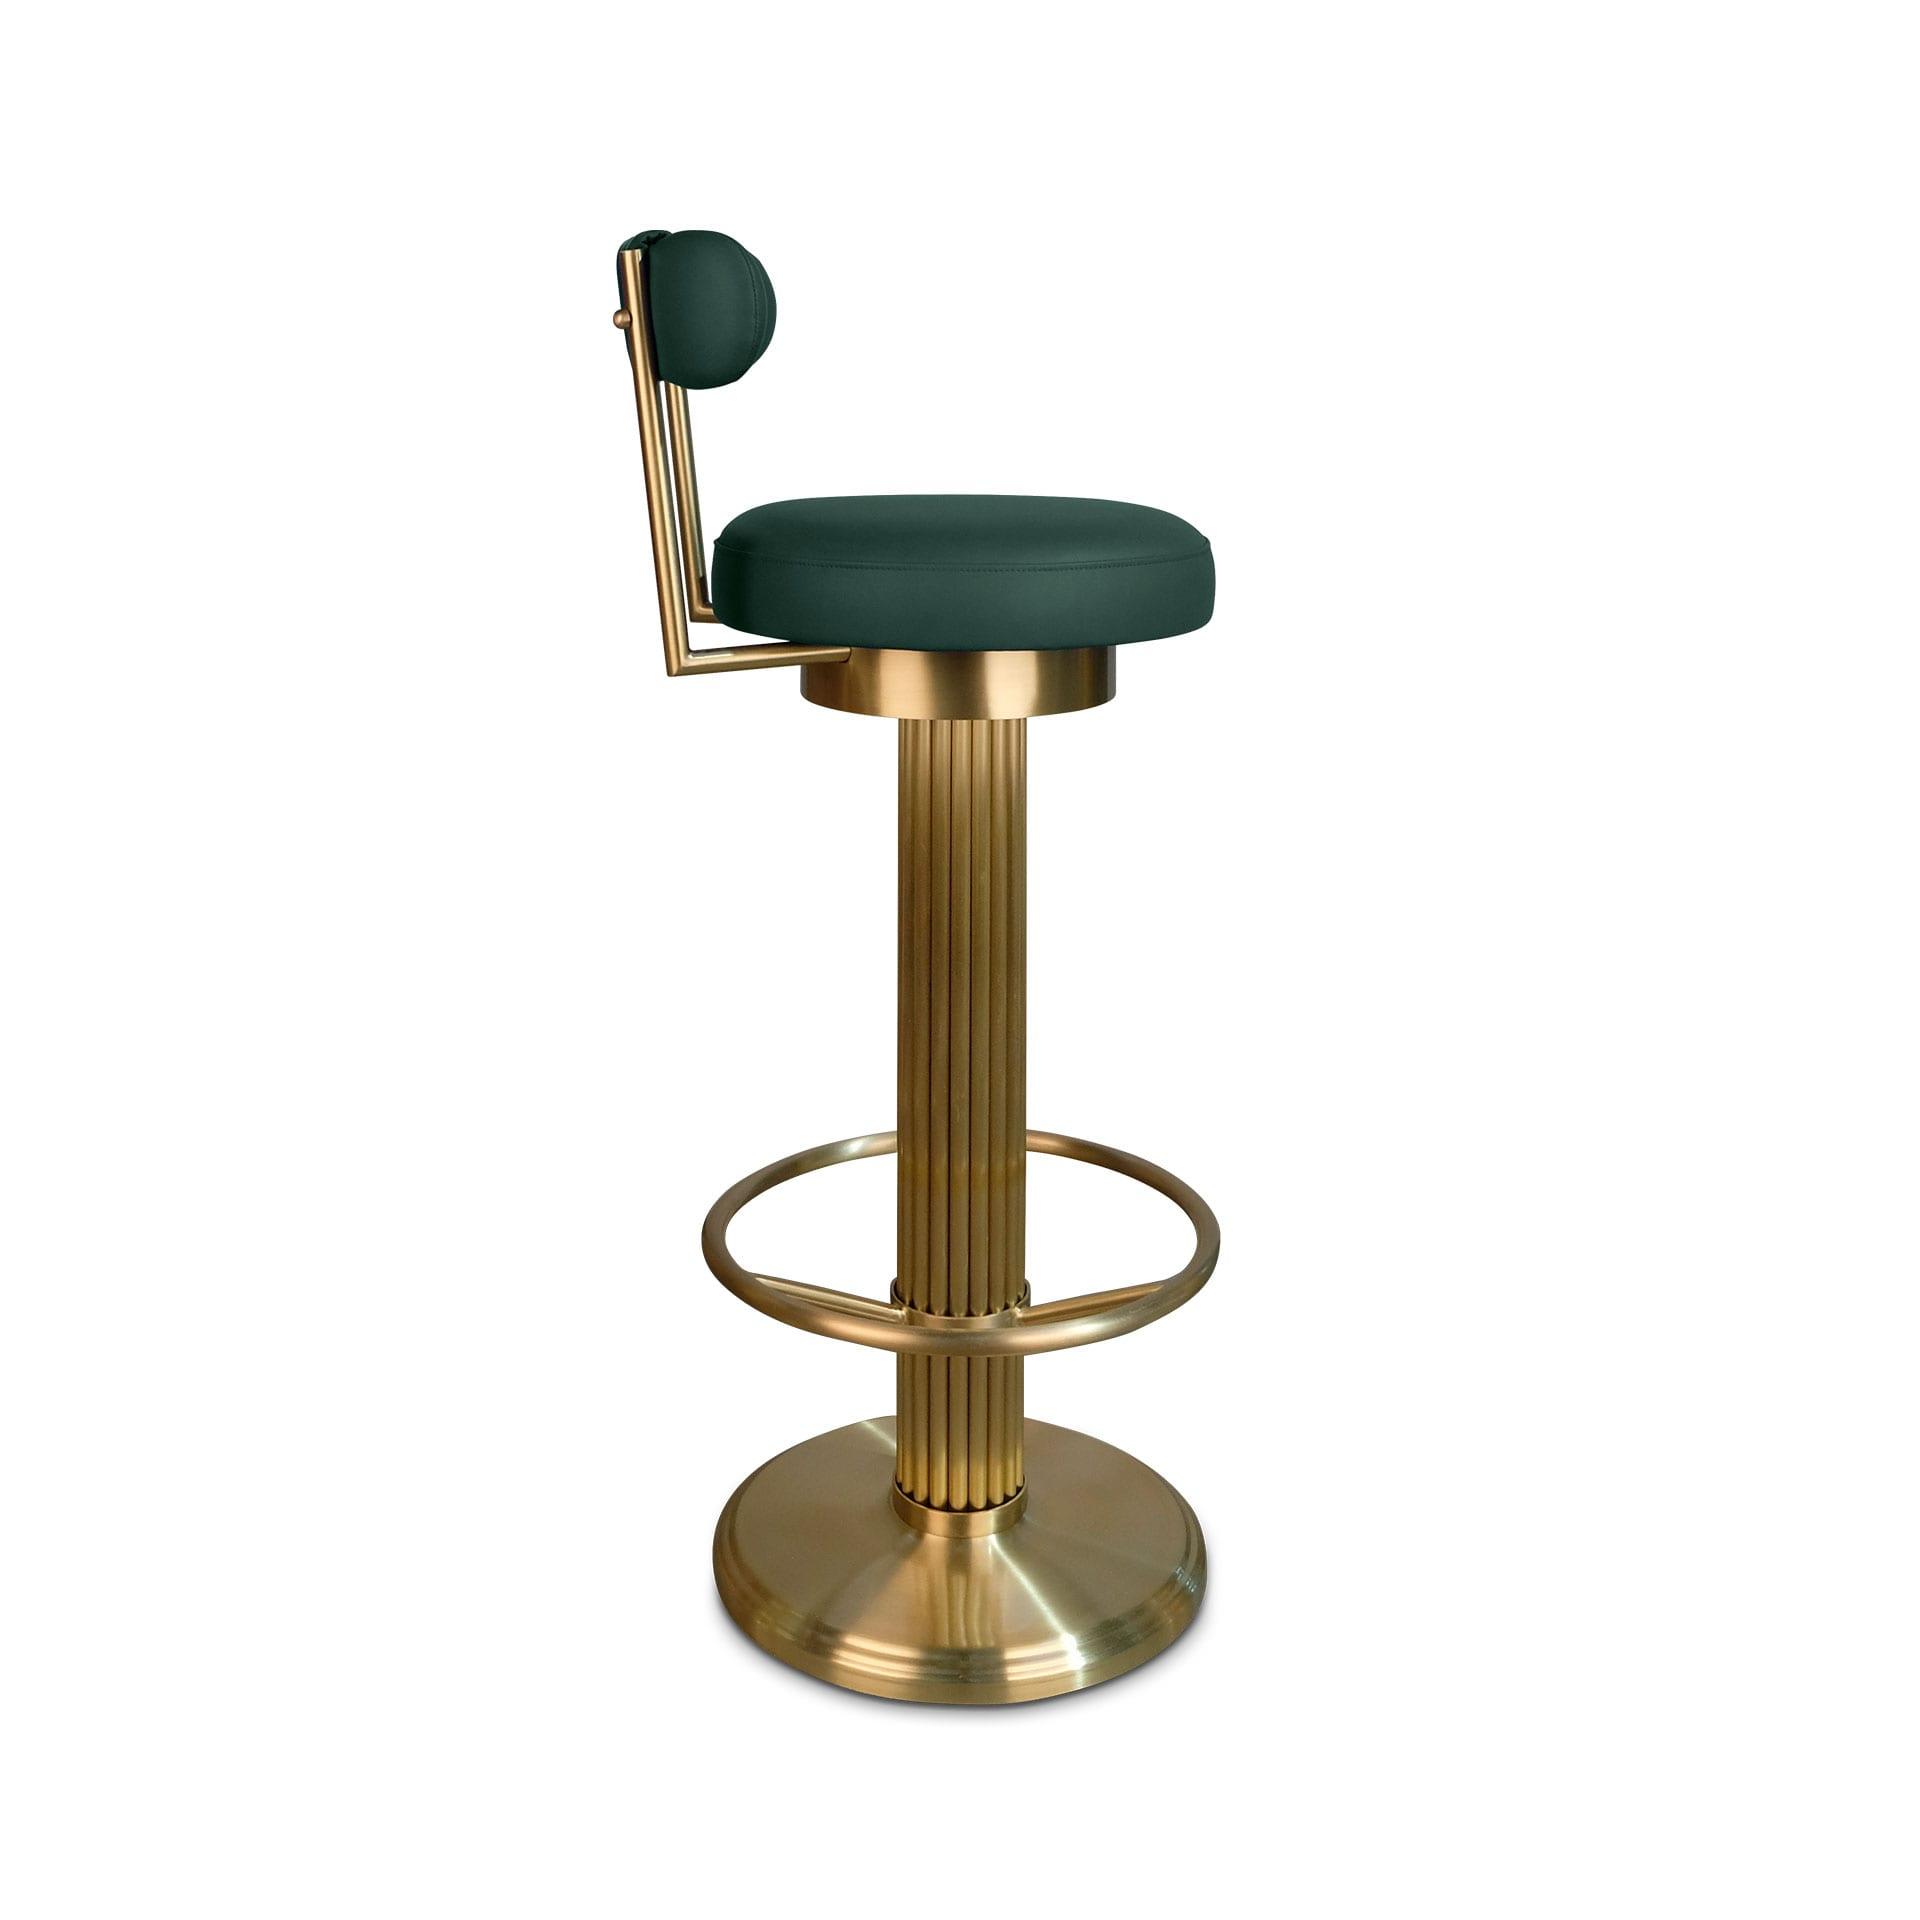 Willis bar chair